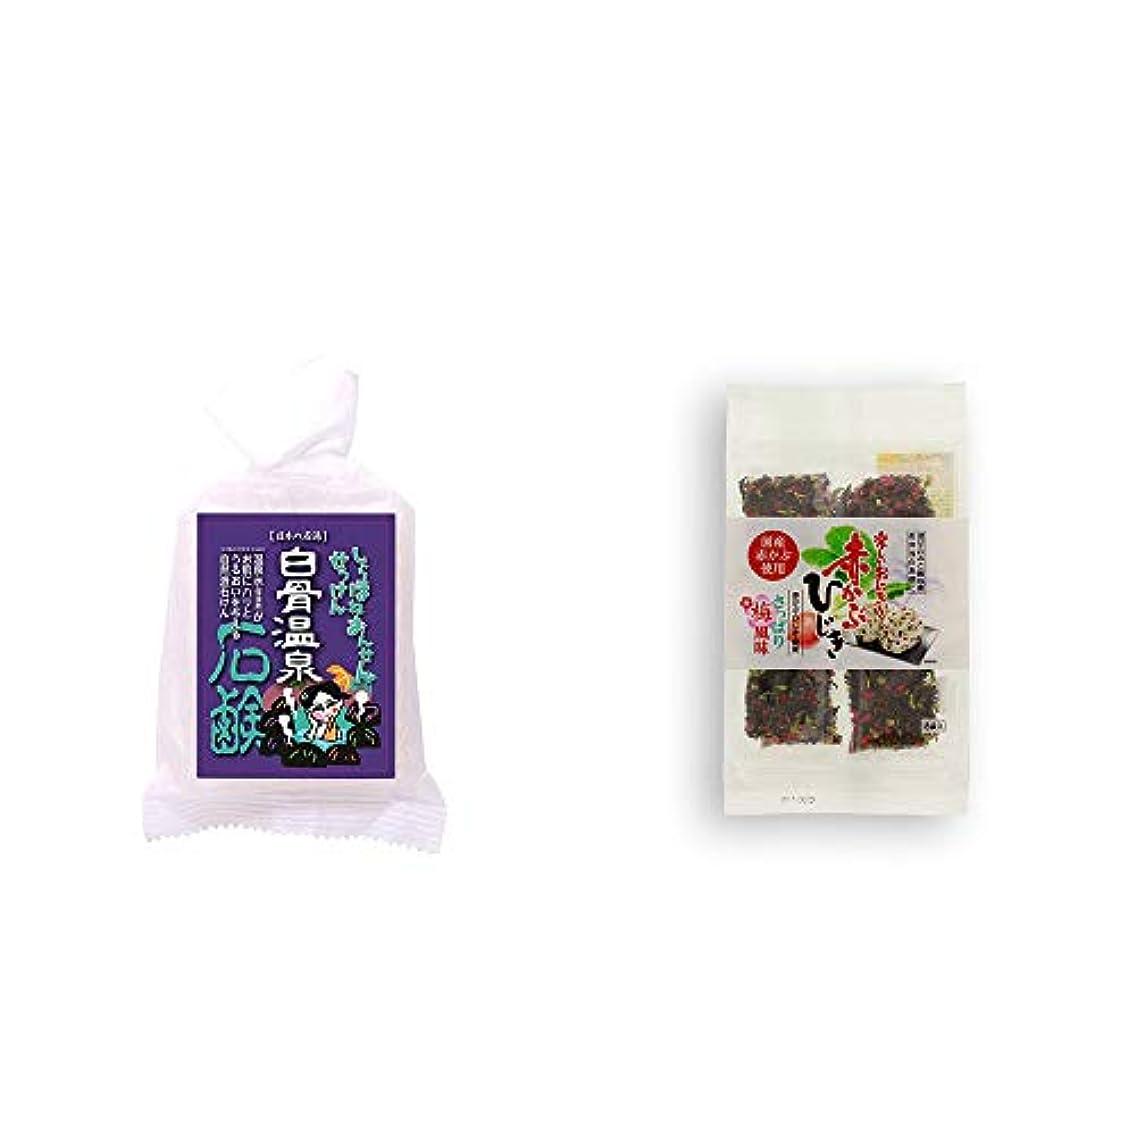 改修どうしたのマイクロ[2点セット] 信州 白骨温泉石鹸(80g)?楽しいおにぎり 赤かぶひじき(8g×8袋)